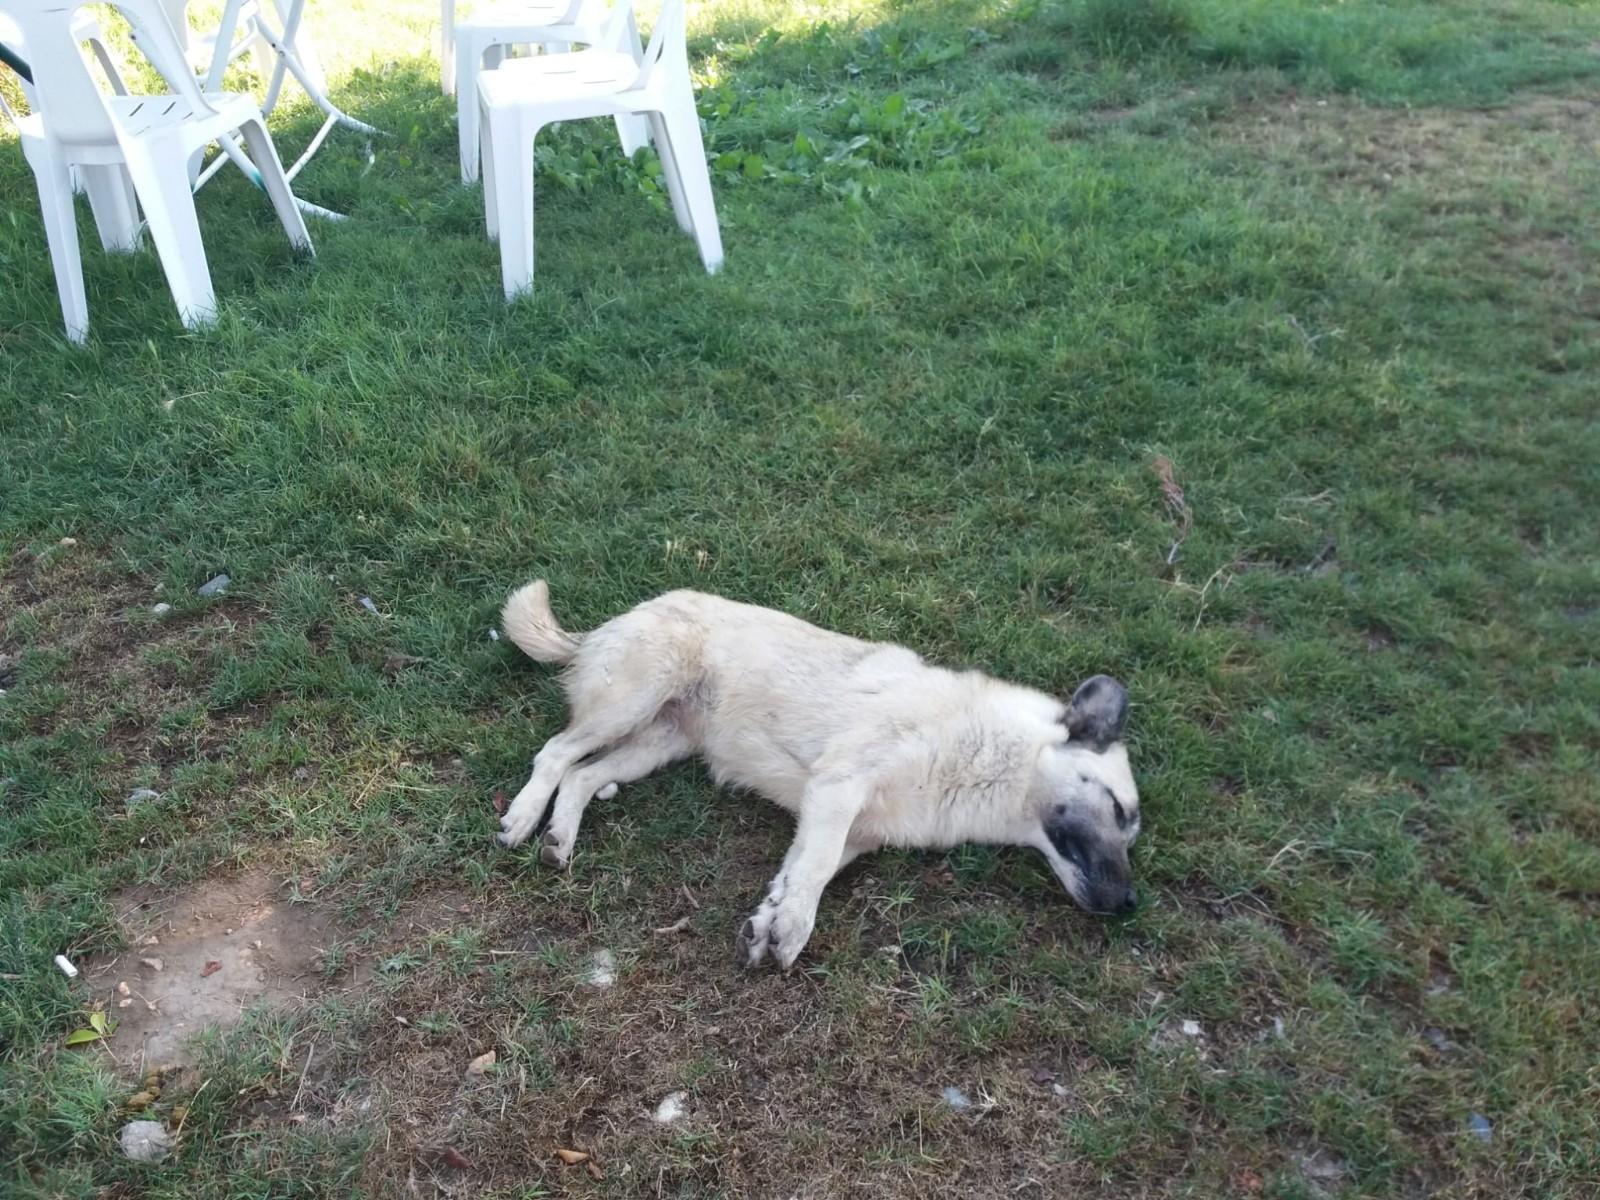 Antalya'nın Demre ilçesinde 14 sokak köpeği telef olmuş halde bulundu